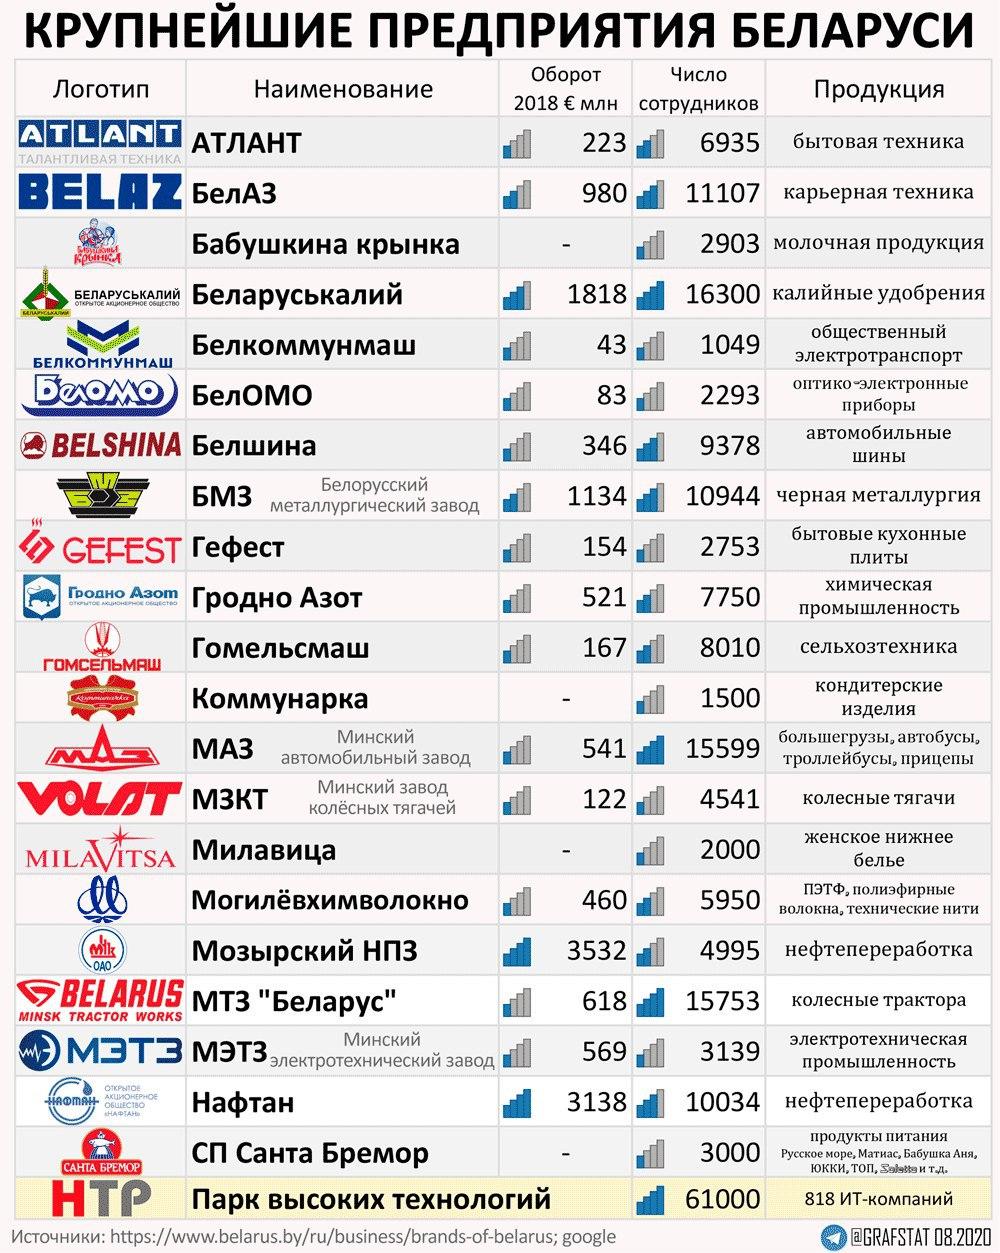 Самые известные предприятия Беларуси.